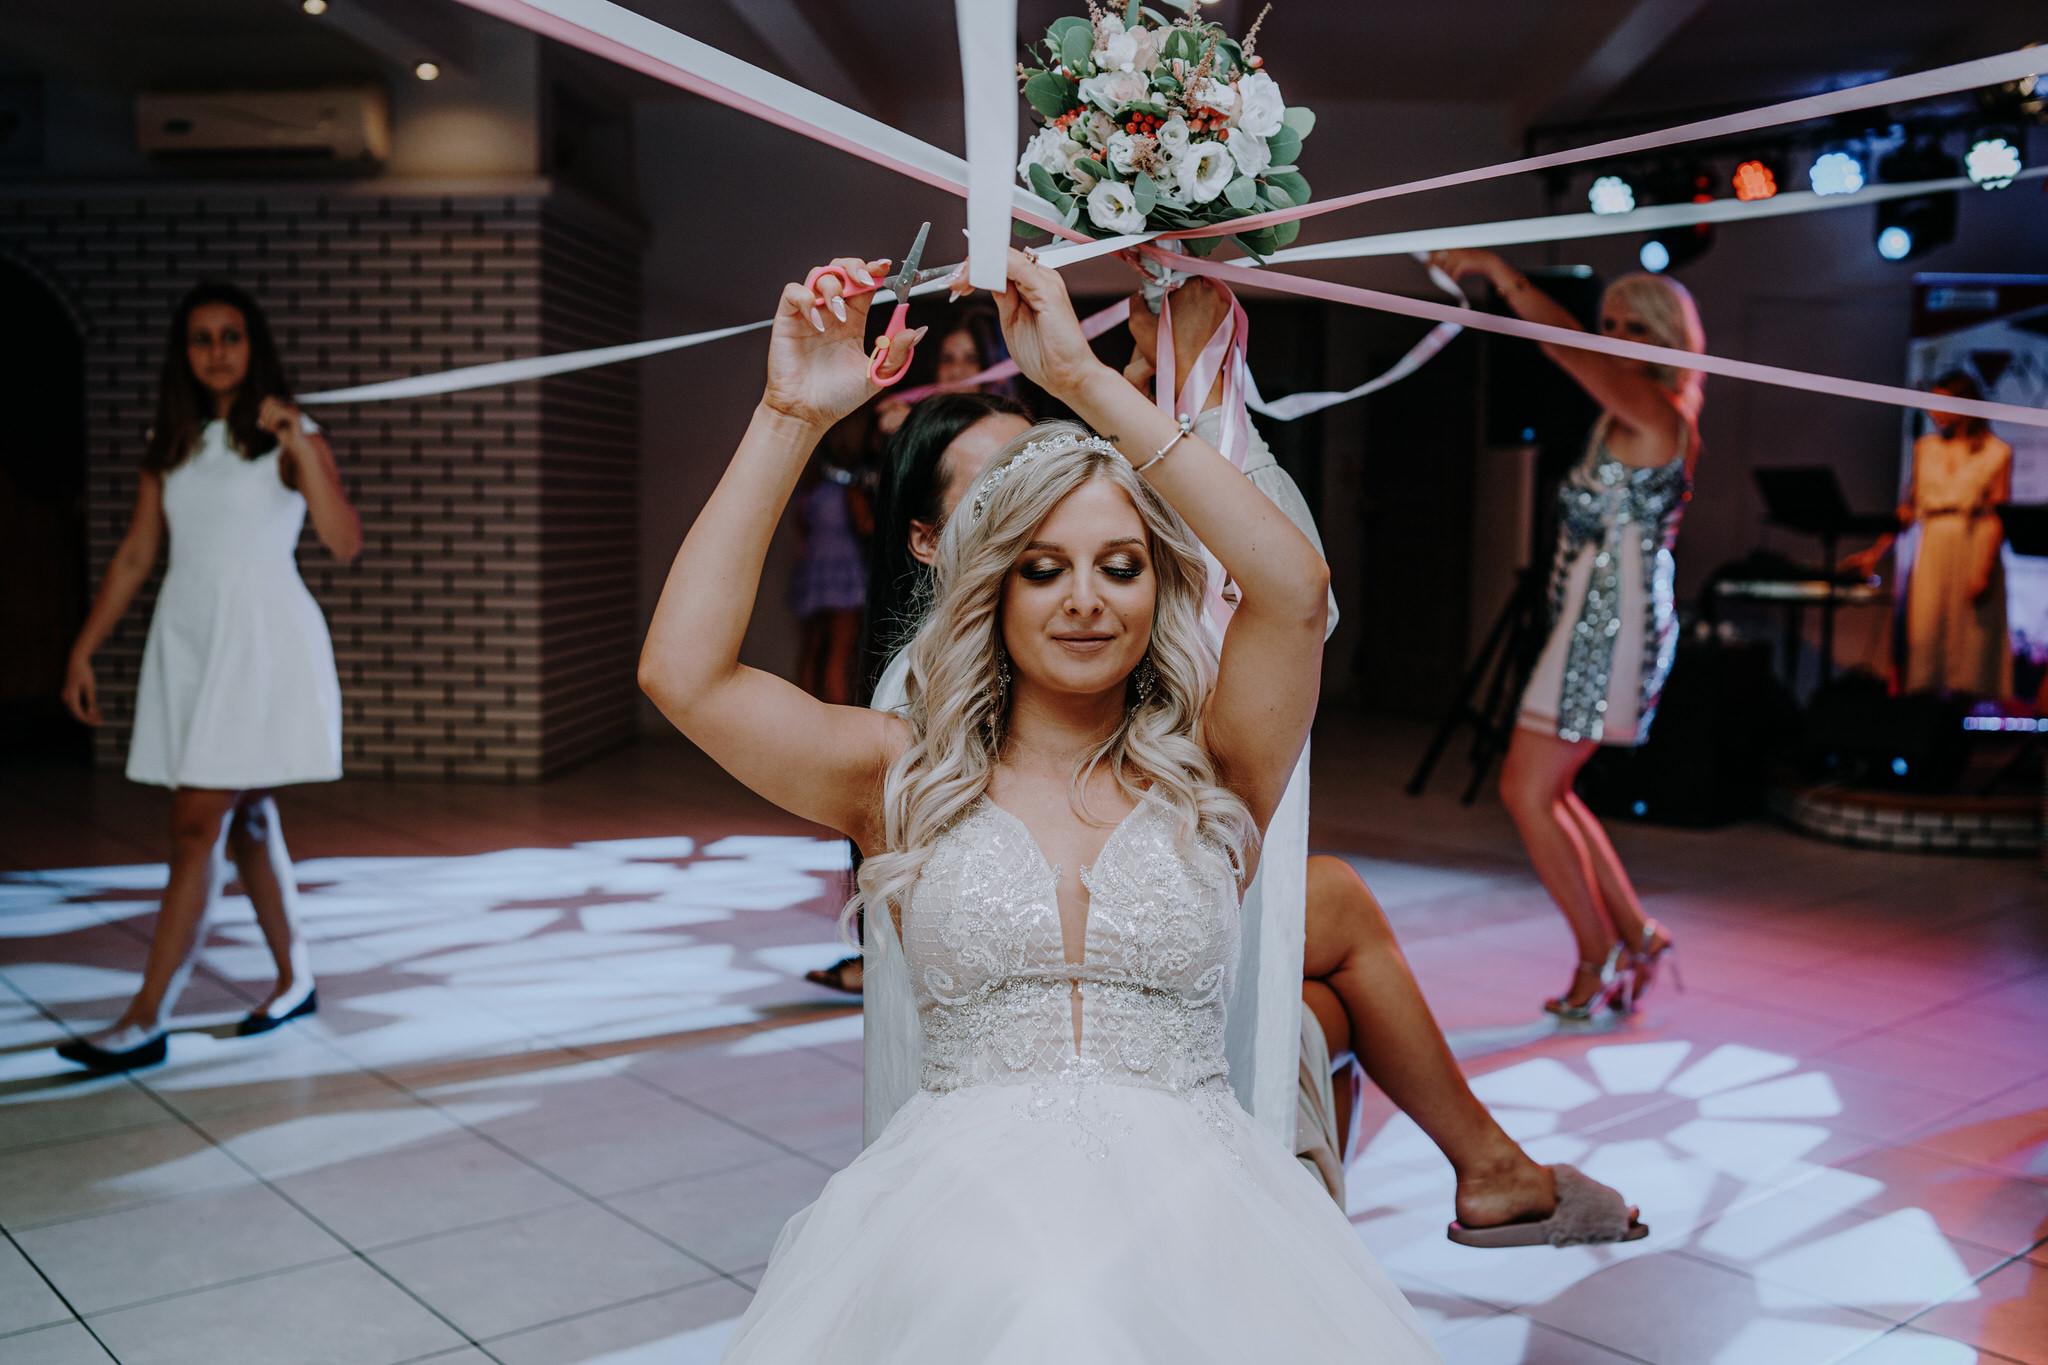 paradis lubartow iga damian reportaz weselny 847 - Co i jak w dniu Ślubu?